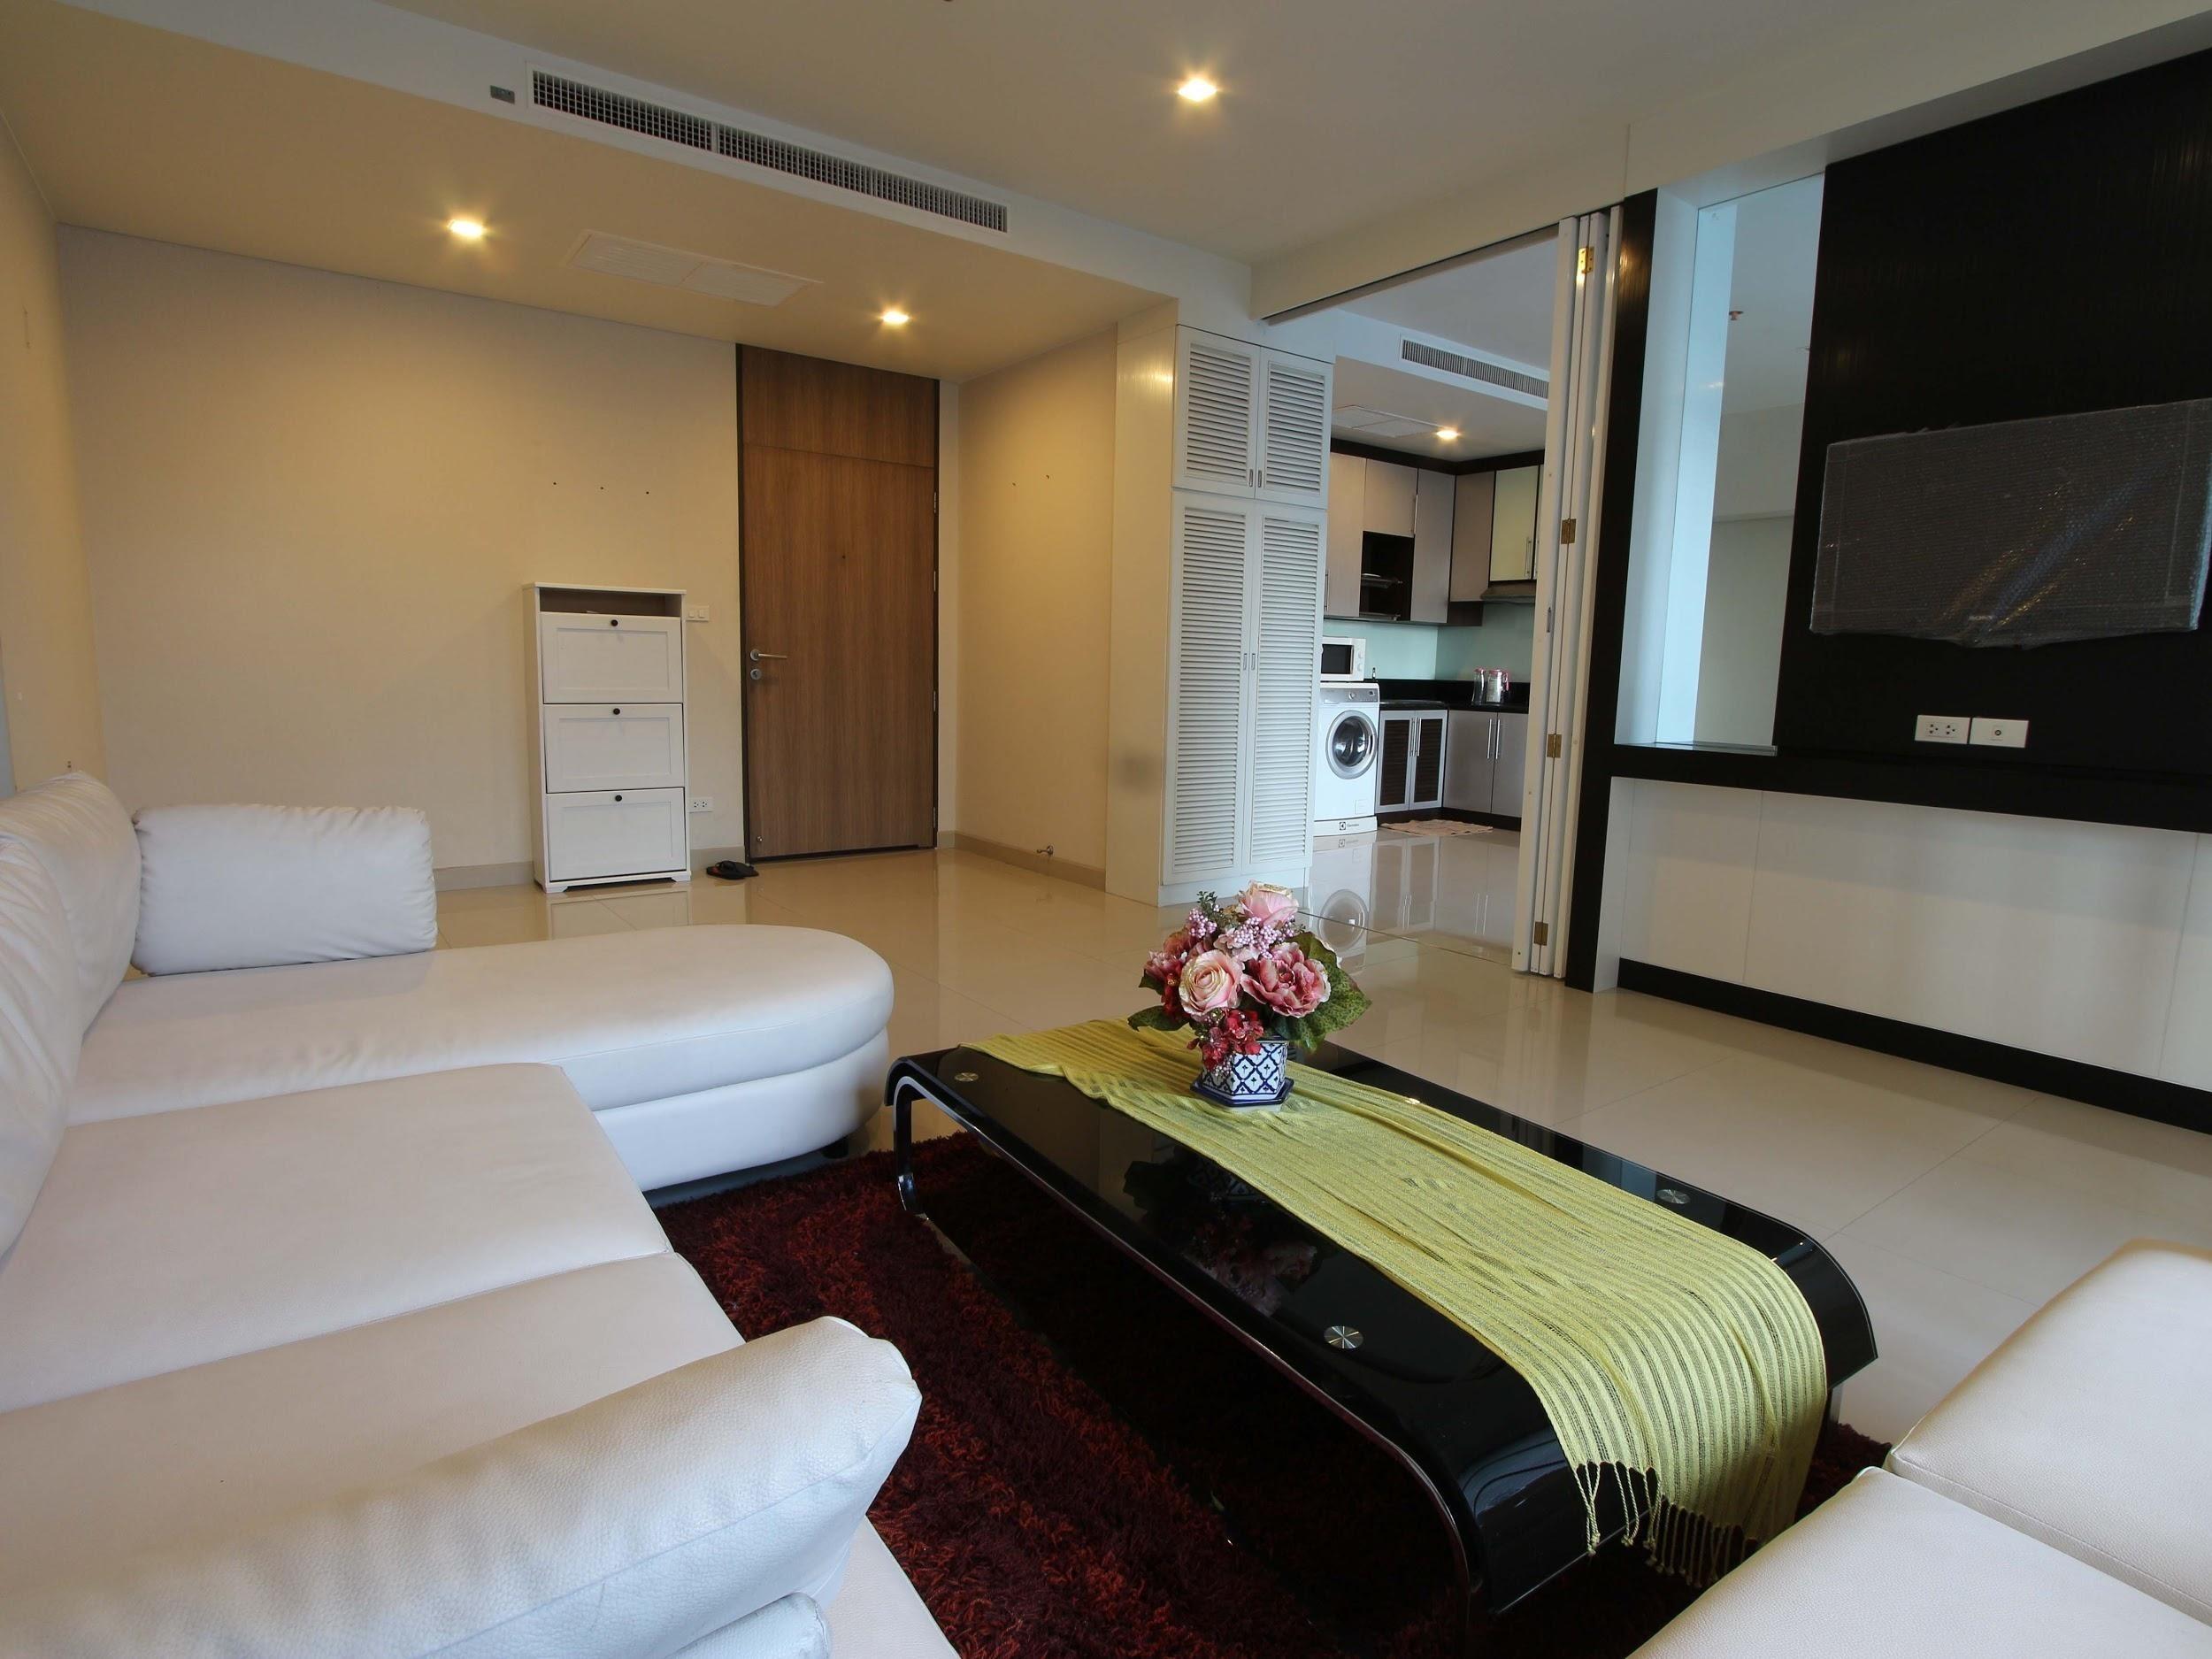 ภาพNoble solo - Beautifully Furnished 2 Bedroom Unit / Ready To Move In / Open Views